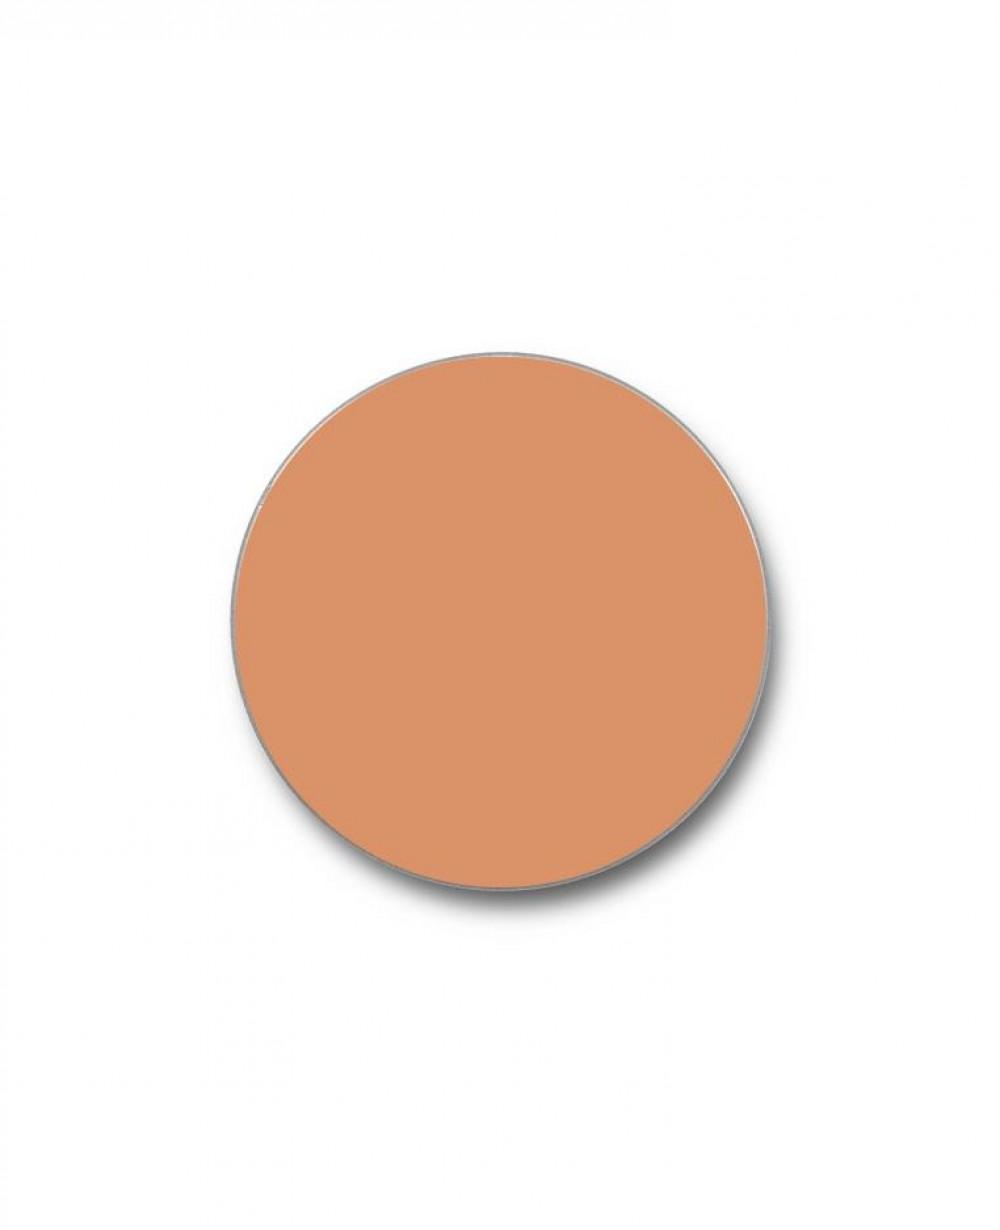 CORRETTORE SAHARA (Rosa scuro aranciato)